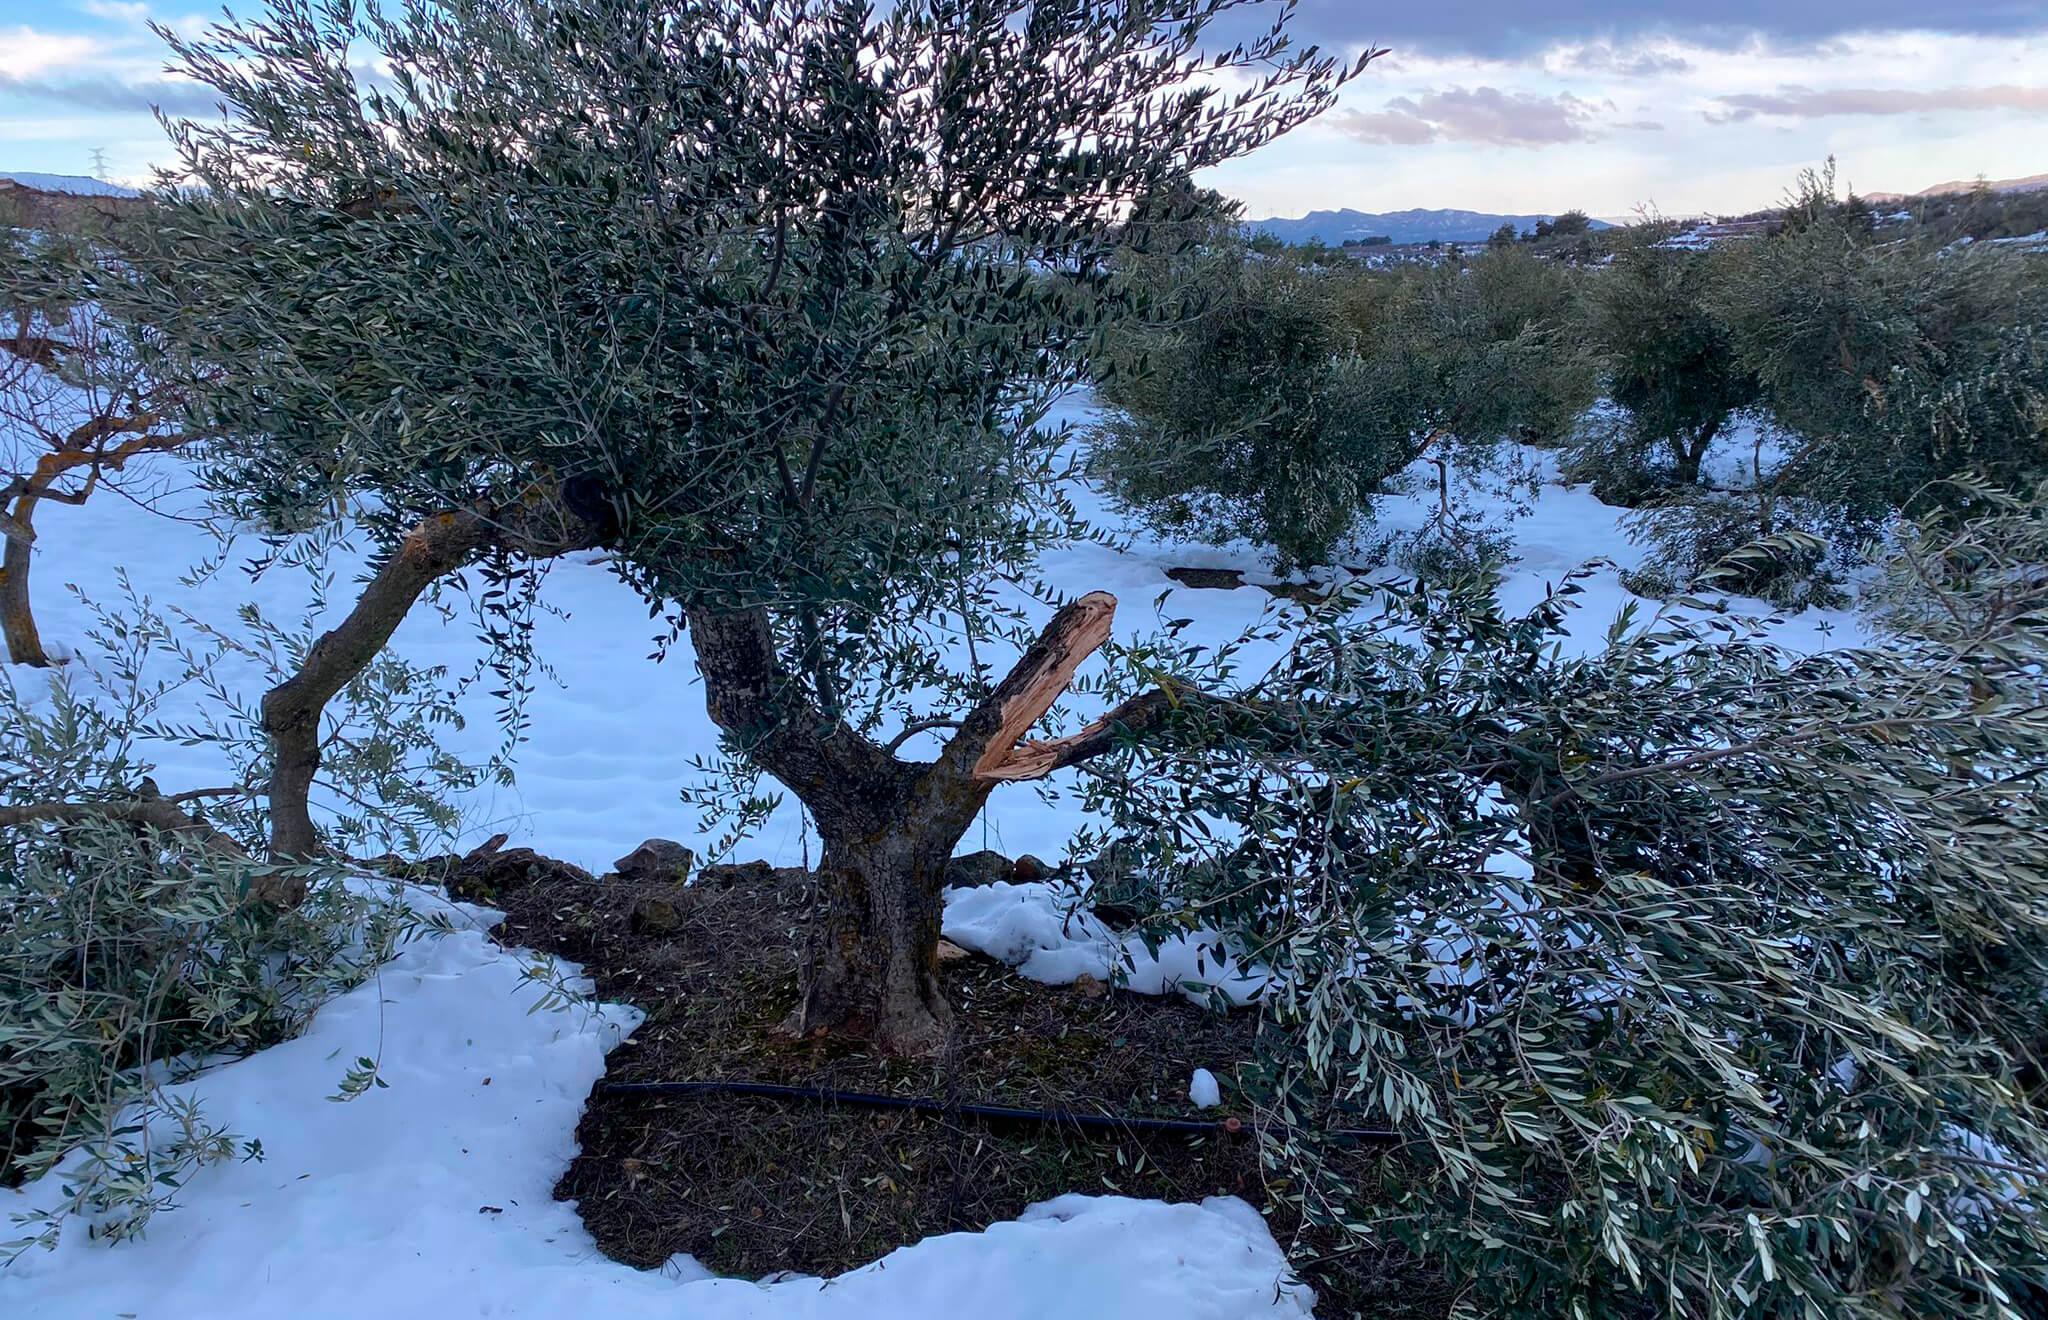 Reclaman celeridad para gestionar la compensación de los daños provocados en el olivar por el temporal en Cataluña